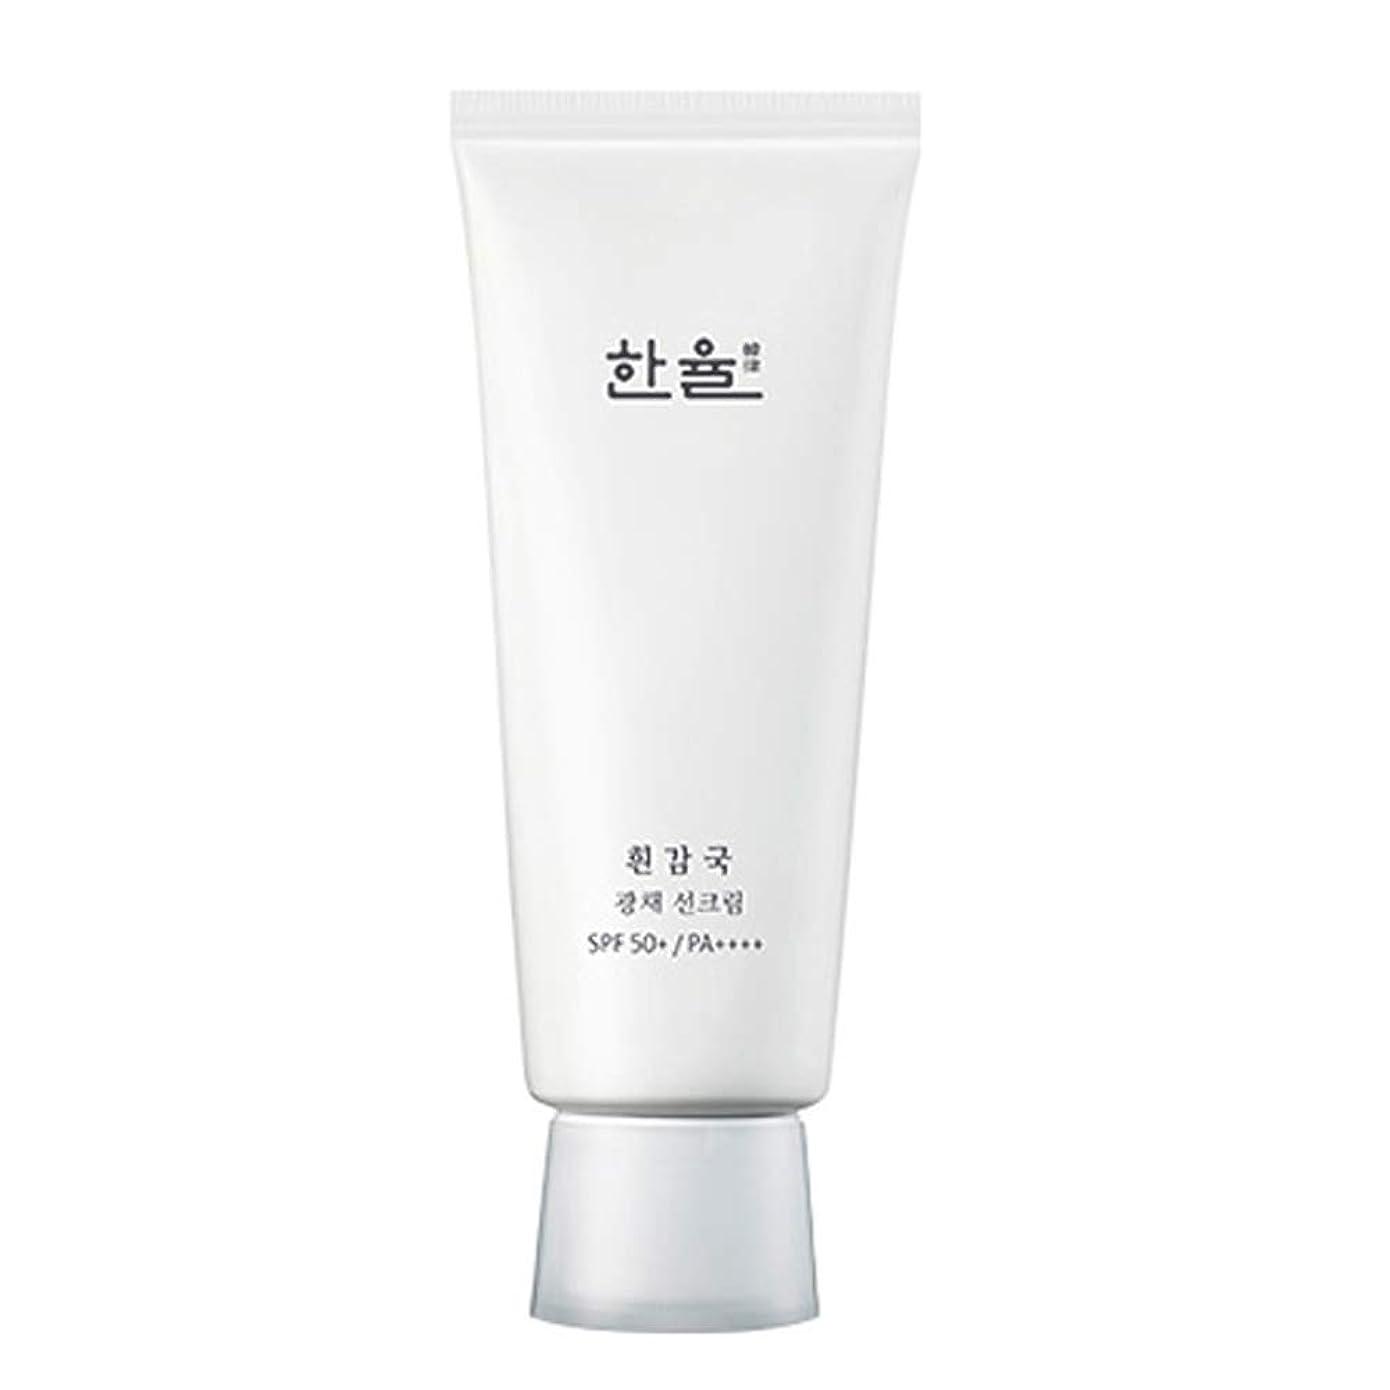 メルボルン熱望するホスト[HANYUL] ハンユル 白いガムグク輝きサンクリーム 70ml SPF50+ PA++++ White Chrysanthemum Radiance Sunscreen cream